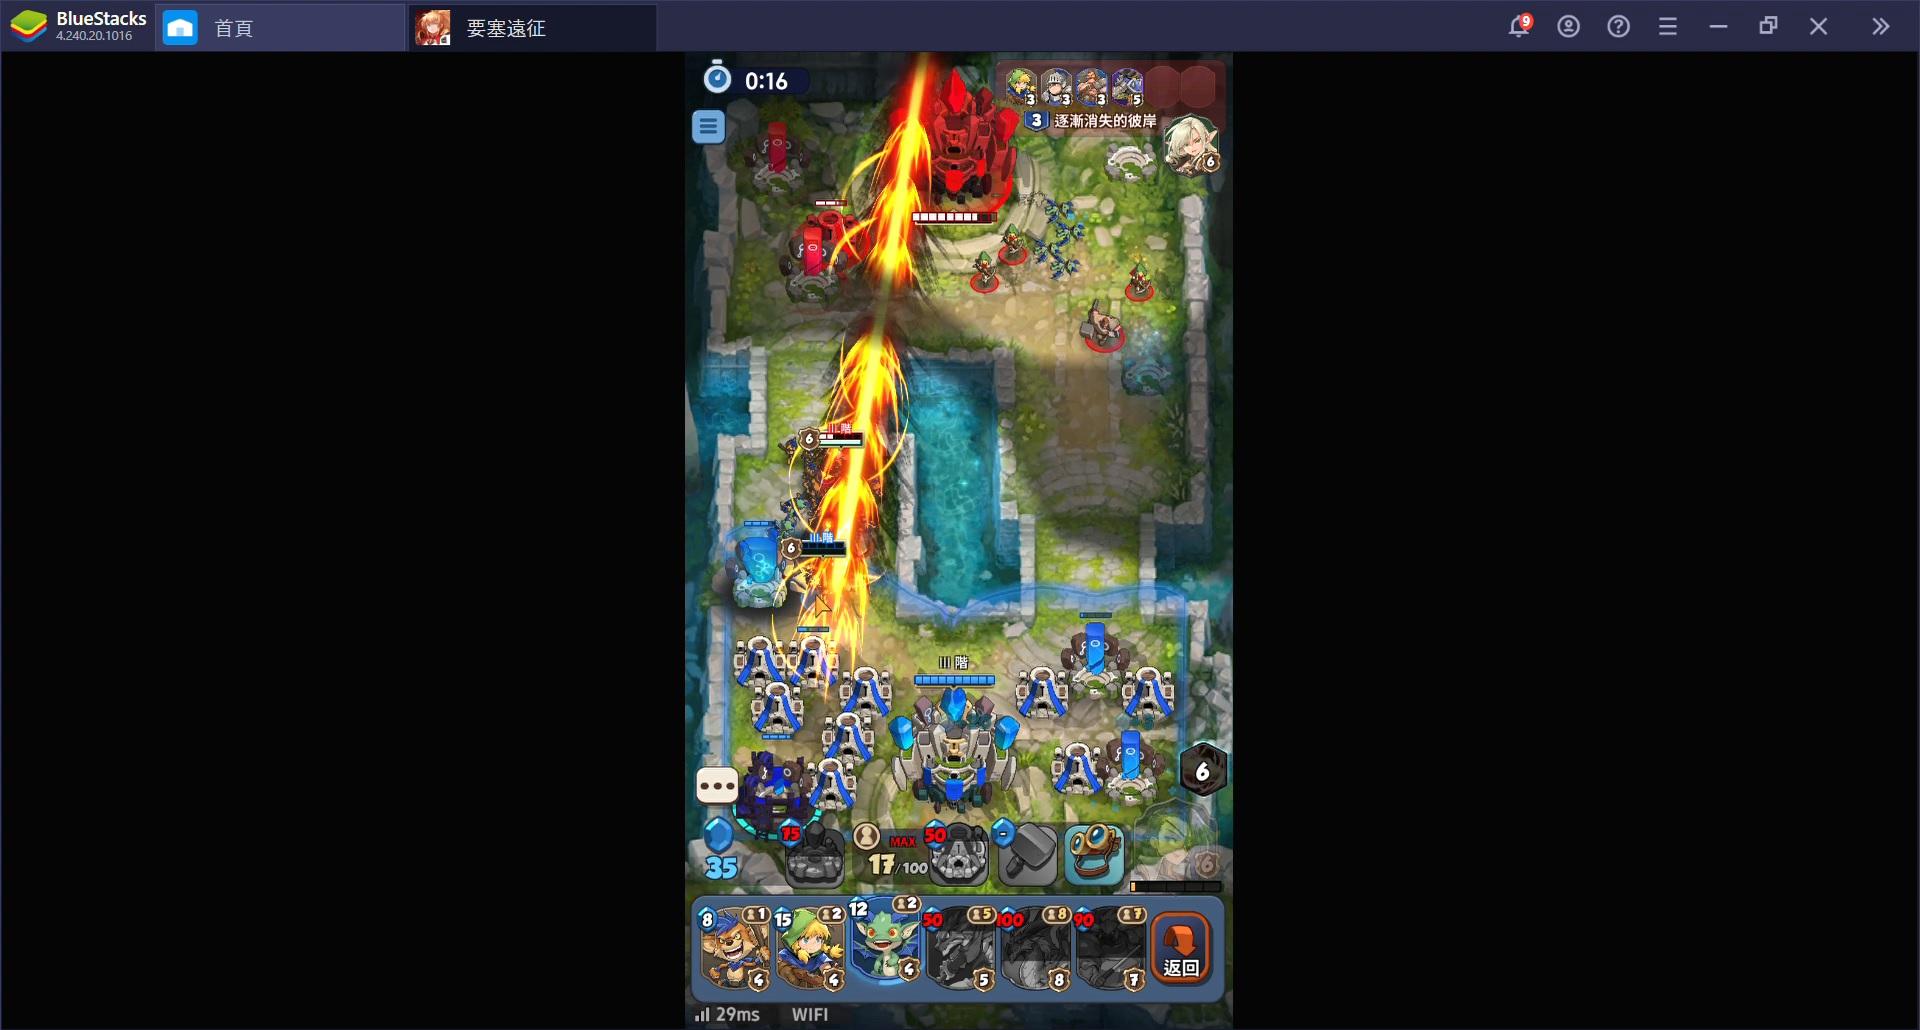 使用BlueStacks在PC上體驗新型RTS手游《要塞遠征》